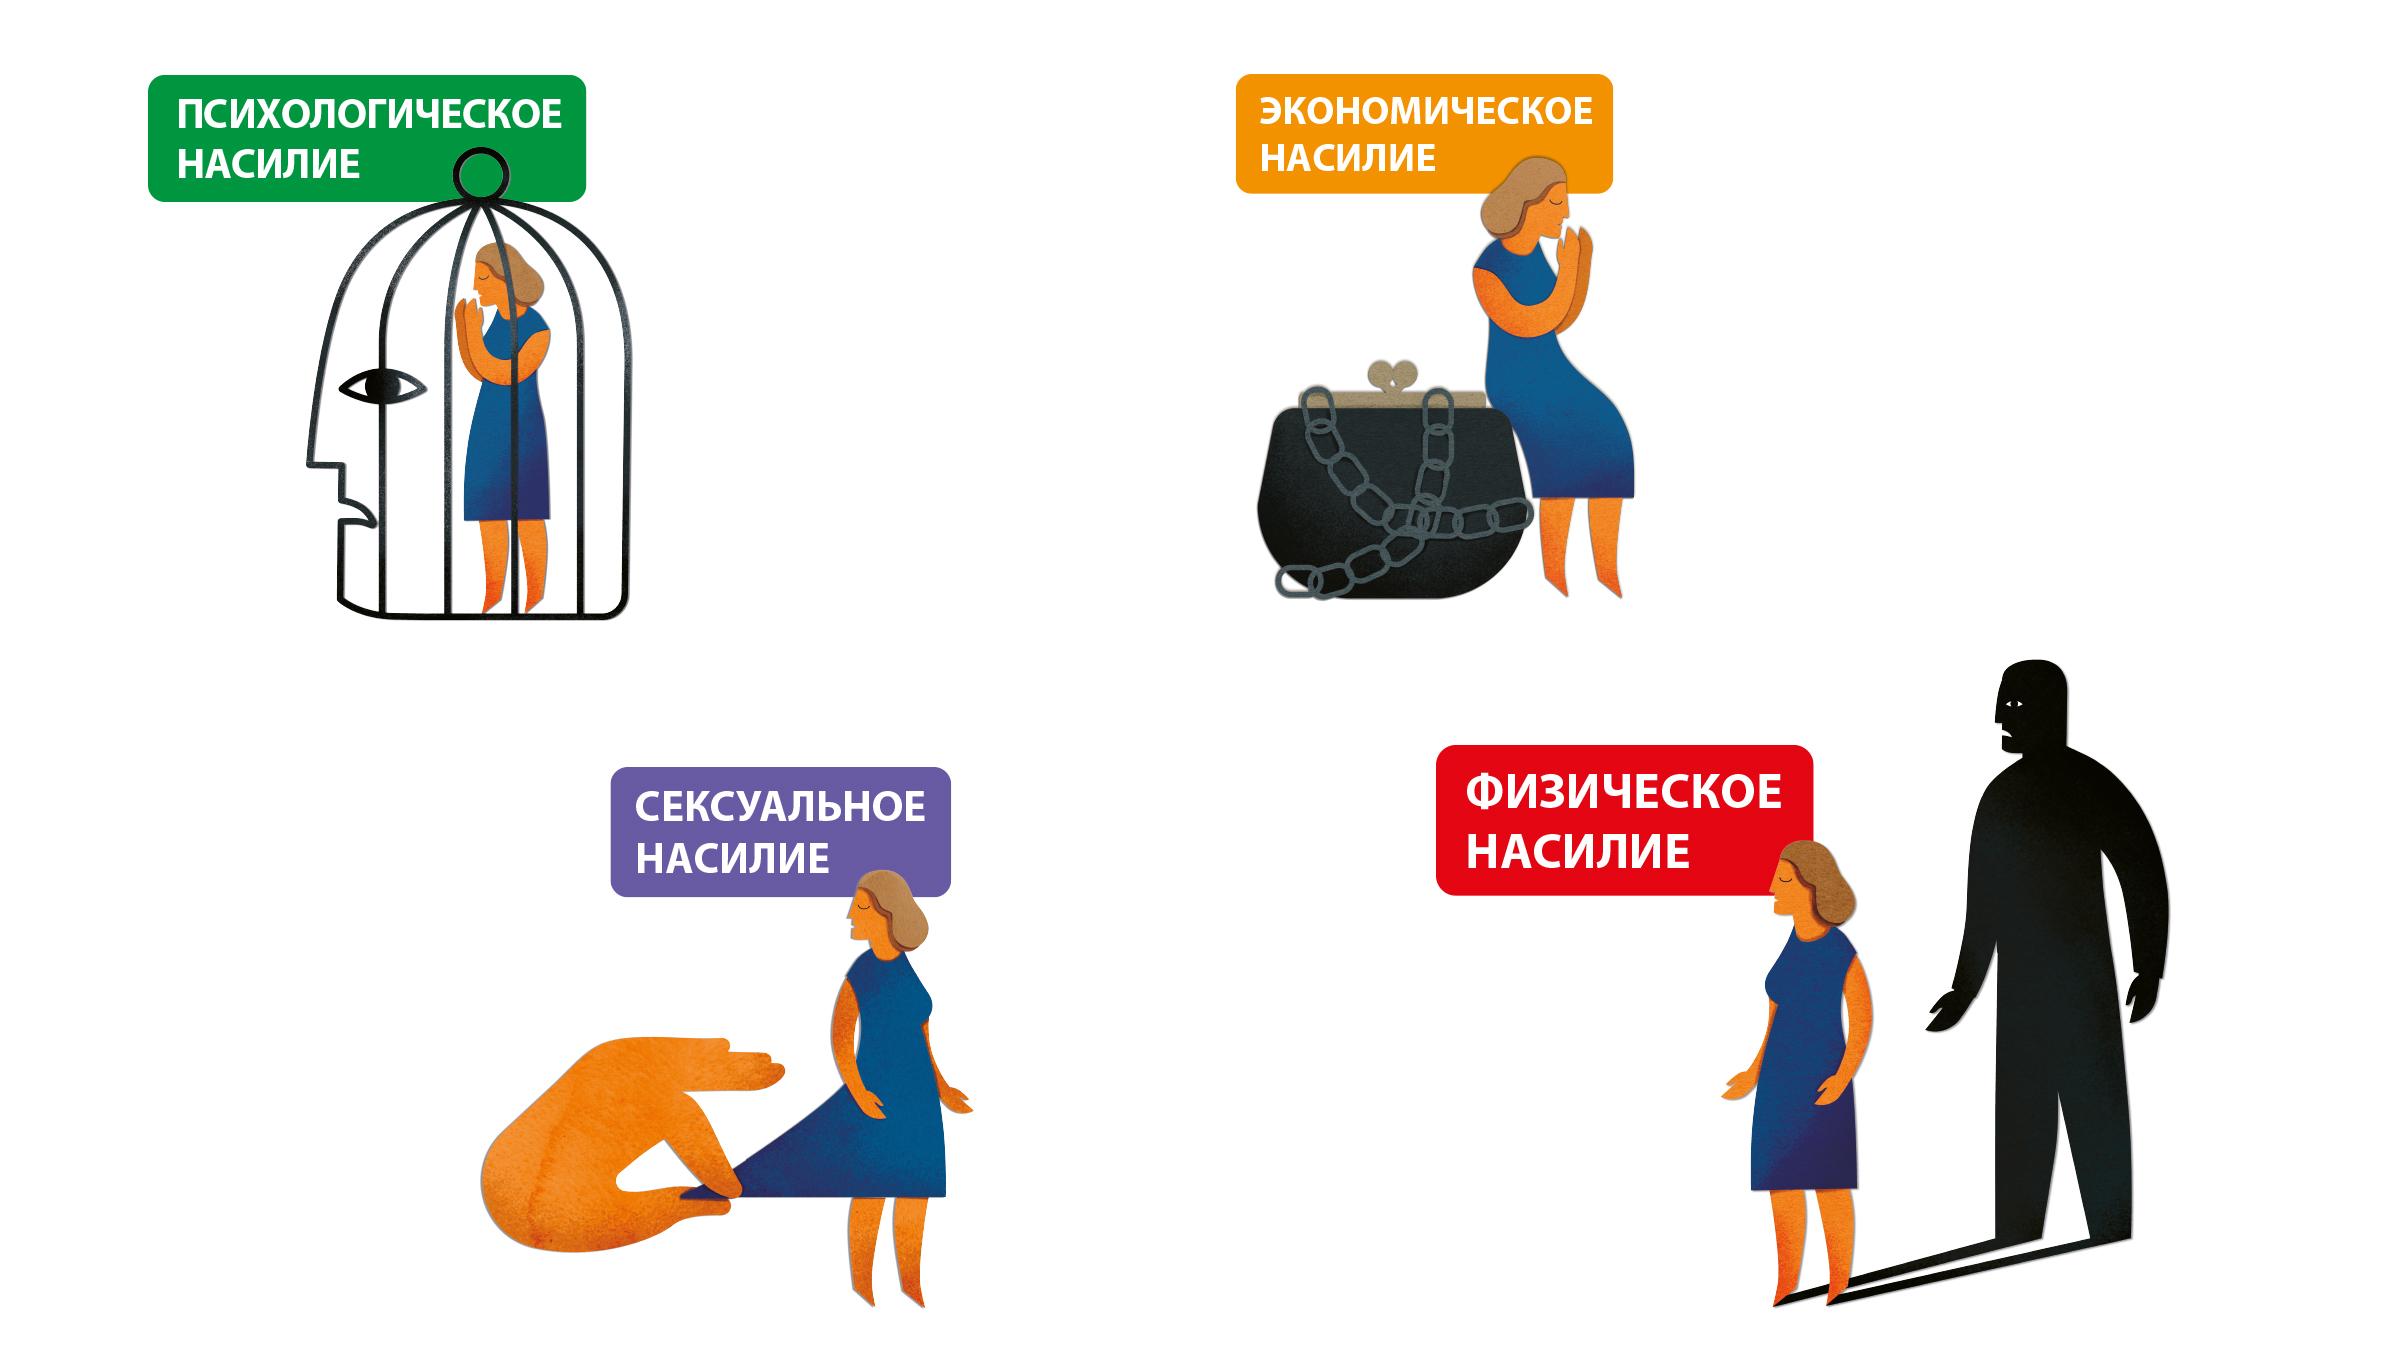 «Центр защиты пострадавших от домашнего насилия» подготовил статистику за 2017-2019 годы